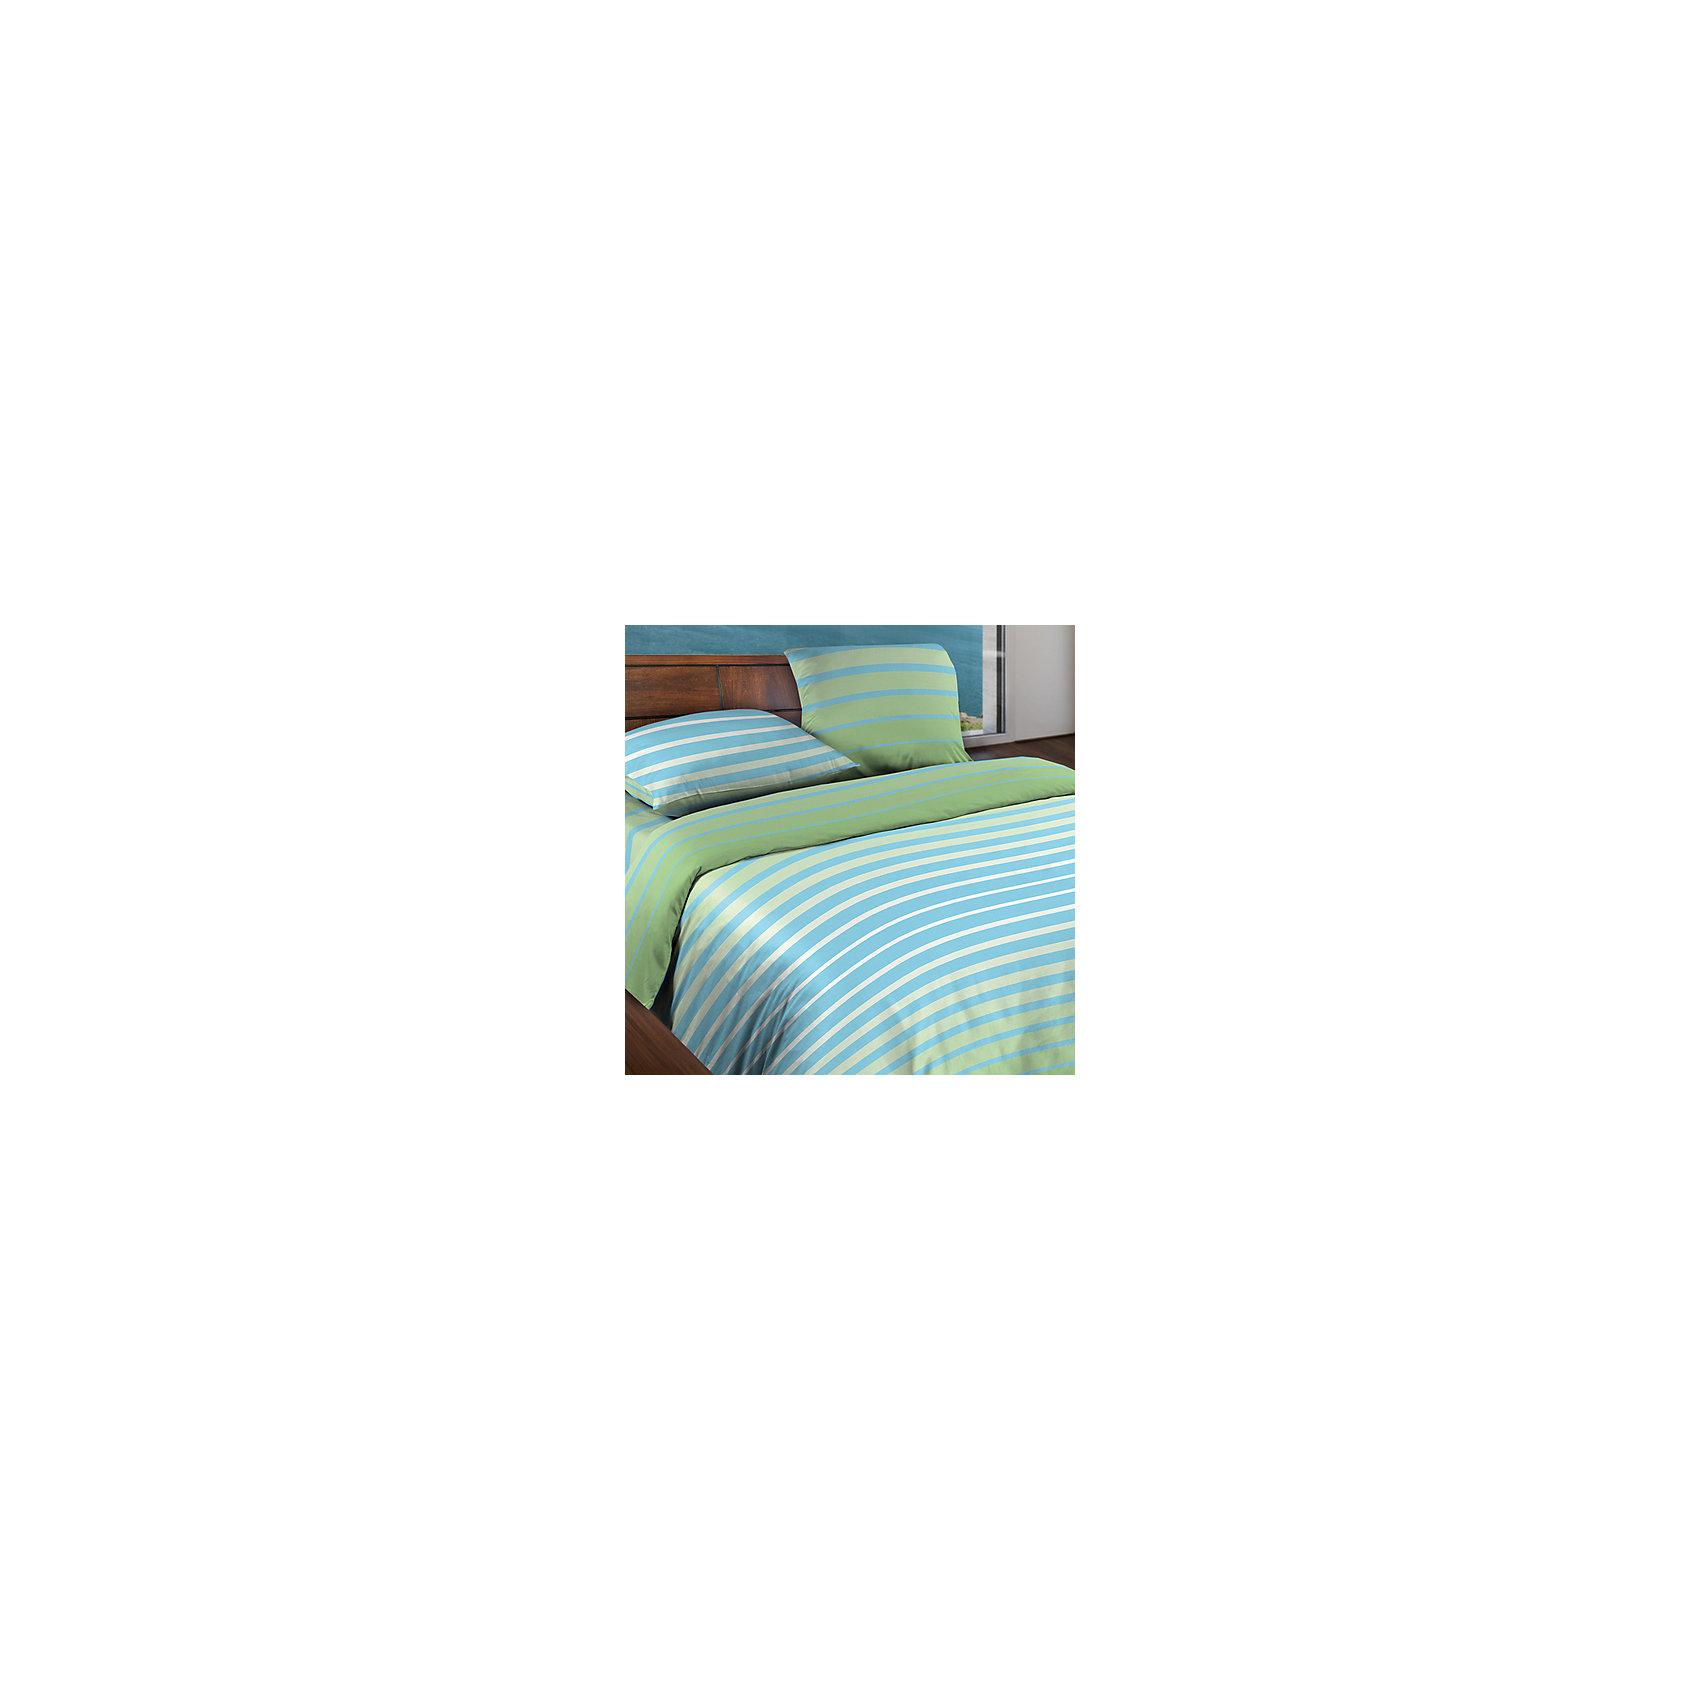 Постельное белье 1,5 сп. Stripe Green БИО Комфорт, Wenge MotionХарактеристики 1,5 спального комплекта постельного белья   Stripe Green  БИО Комфорт, Wenge Motion:<br><br>- производитель: Неотек<br>- материал: бязь<br>- состав: 100% хлопок<br>- размер комплекта: полутораспальный<br>- размер пододеяльника: 215*145 см.<br>- размер простыни: 220*150 см.<br>- размер наволочек: 70*70 (2 шт)<br>- упаковка комплекта: книжка пвх<br>- страна бренда: Россия<br>- страна производитель: Россия<br><br>Купив комплект постельного белья Stripe Green Wenge Motion, Вы получите модный однотонный дизайн, который подойдет под любой интерьер, и позволит Вам экспериментировать с сочетаниями красок. Оригинальная форма упаковки привлечет Ваше внимание, предоставит 100% информации об изделии. Постельное бельё шьётся из высококачественной бязи - БИОкомфорт, которая обладает повышенными показателями износостойкости при очень демократично цене. Ткань приятная на ощупь, не деформируется при эксплуатации.<br><br>Комплекта постельного белья   Stripe Green  серии Wenge Motion можно купить в нашем интернет-магазине.<br><br>Ширина мм: 370<br>Глубина мм: 70<br>Высота мм: 370<br>Вес г: 1400<br>Возраст от месяцев: 36<br>Возраст до месяцев: 216<br>Пол: Унисекс<br>Возраст: Детский<br>SKU: 5100116